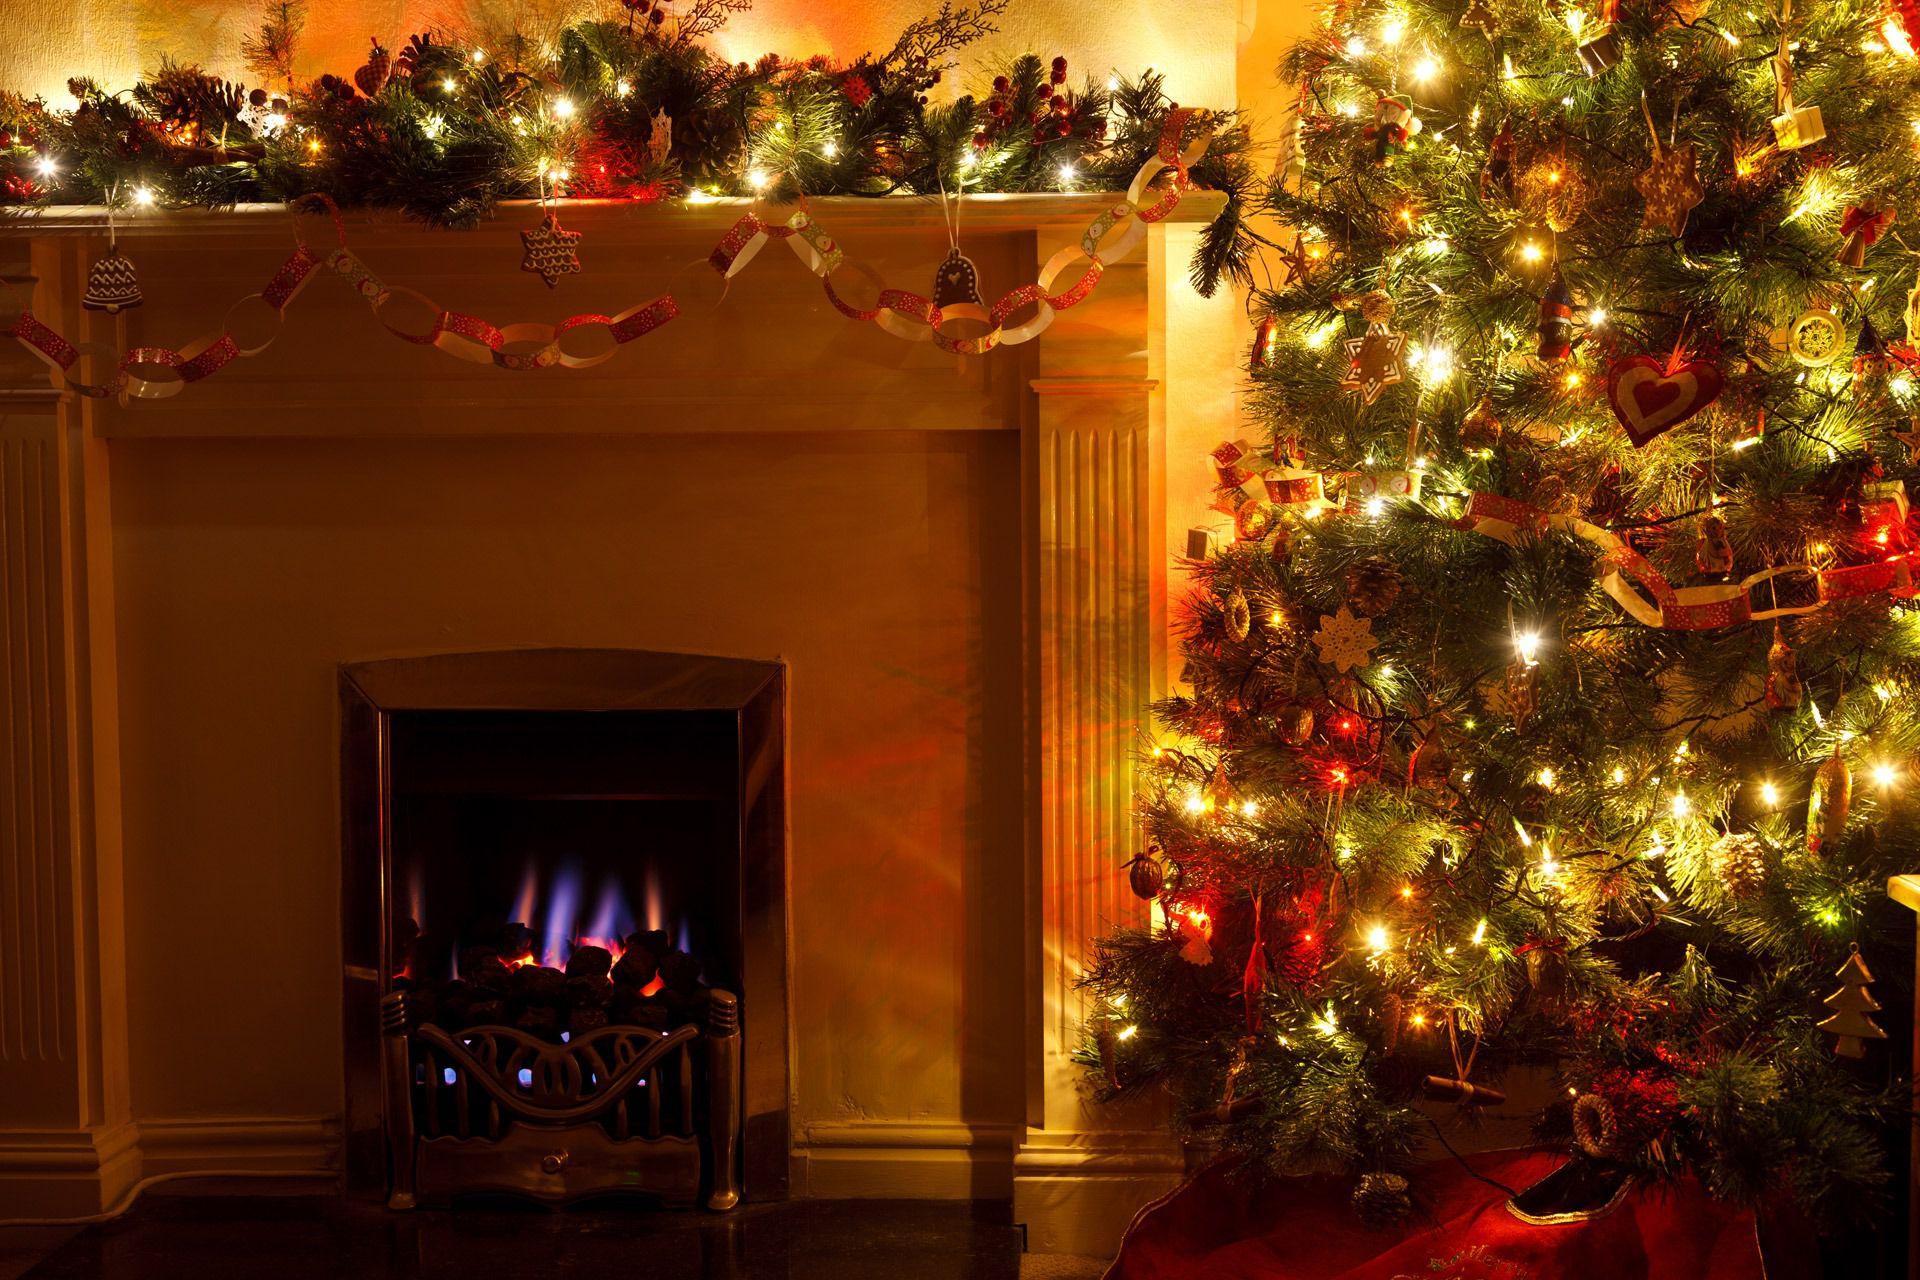 Christmas Home Tour - December 2, 2017